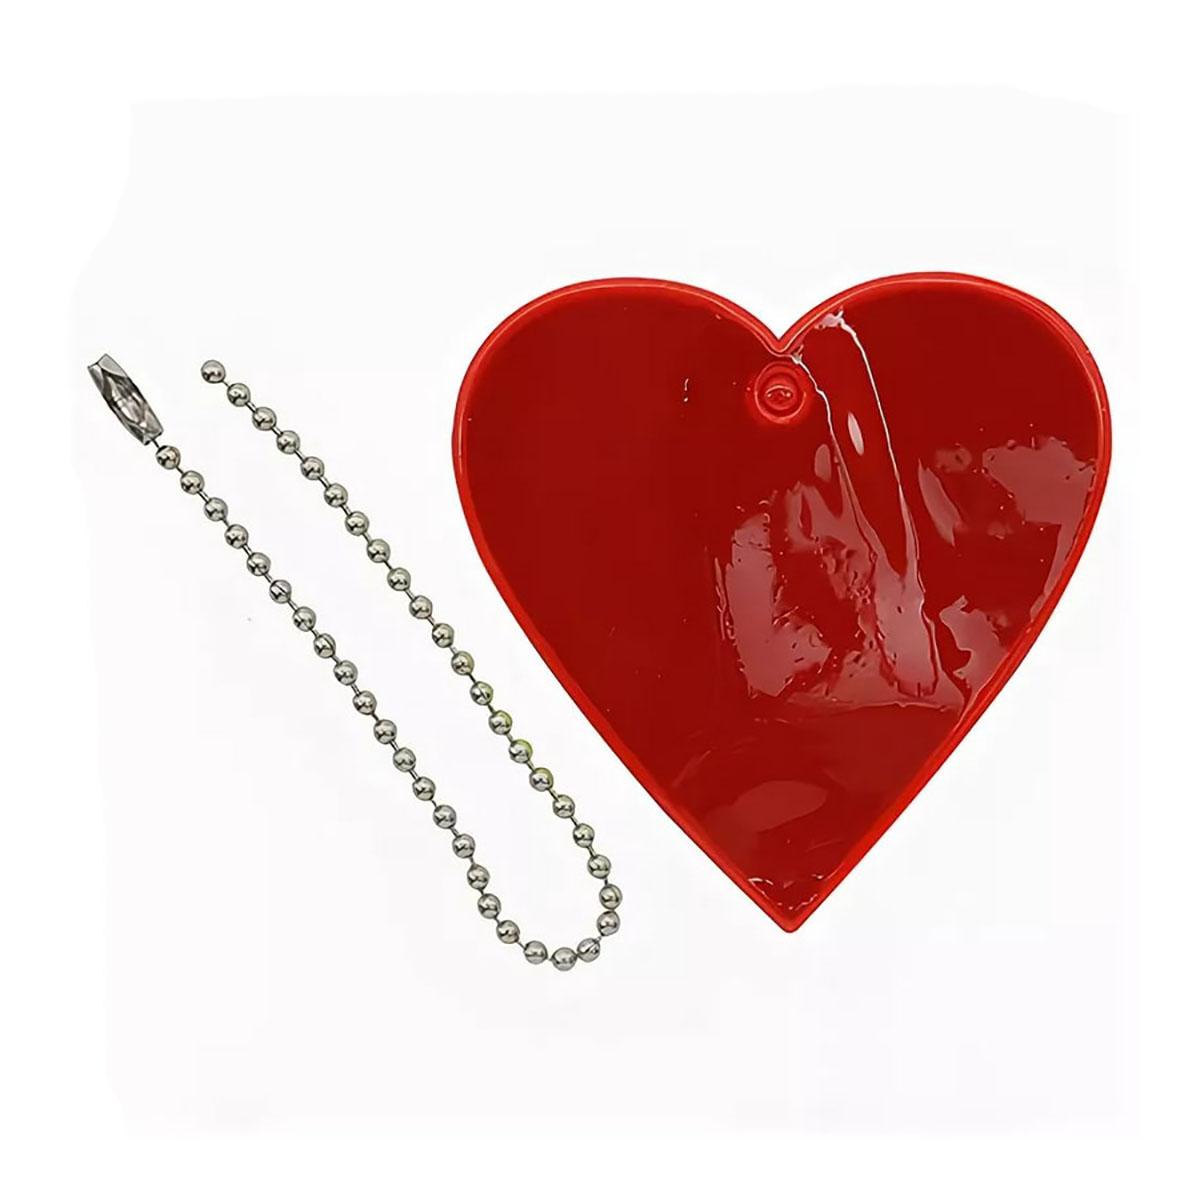 Световозвращатель подвеска 'Сердце', ПВХ, 5,5 см